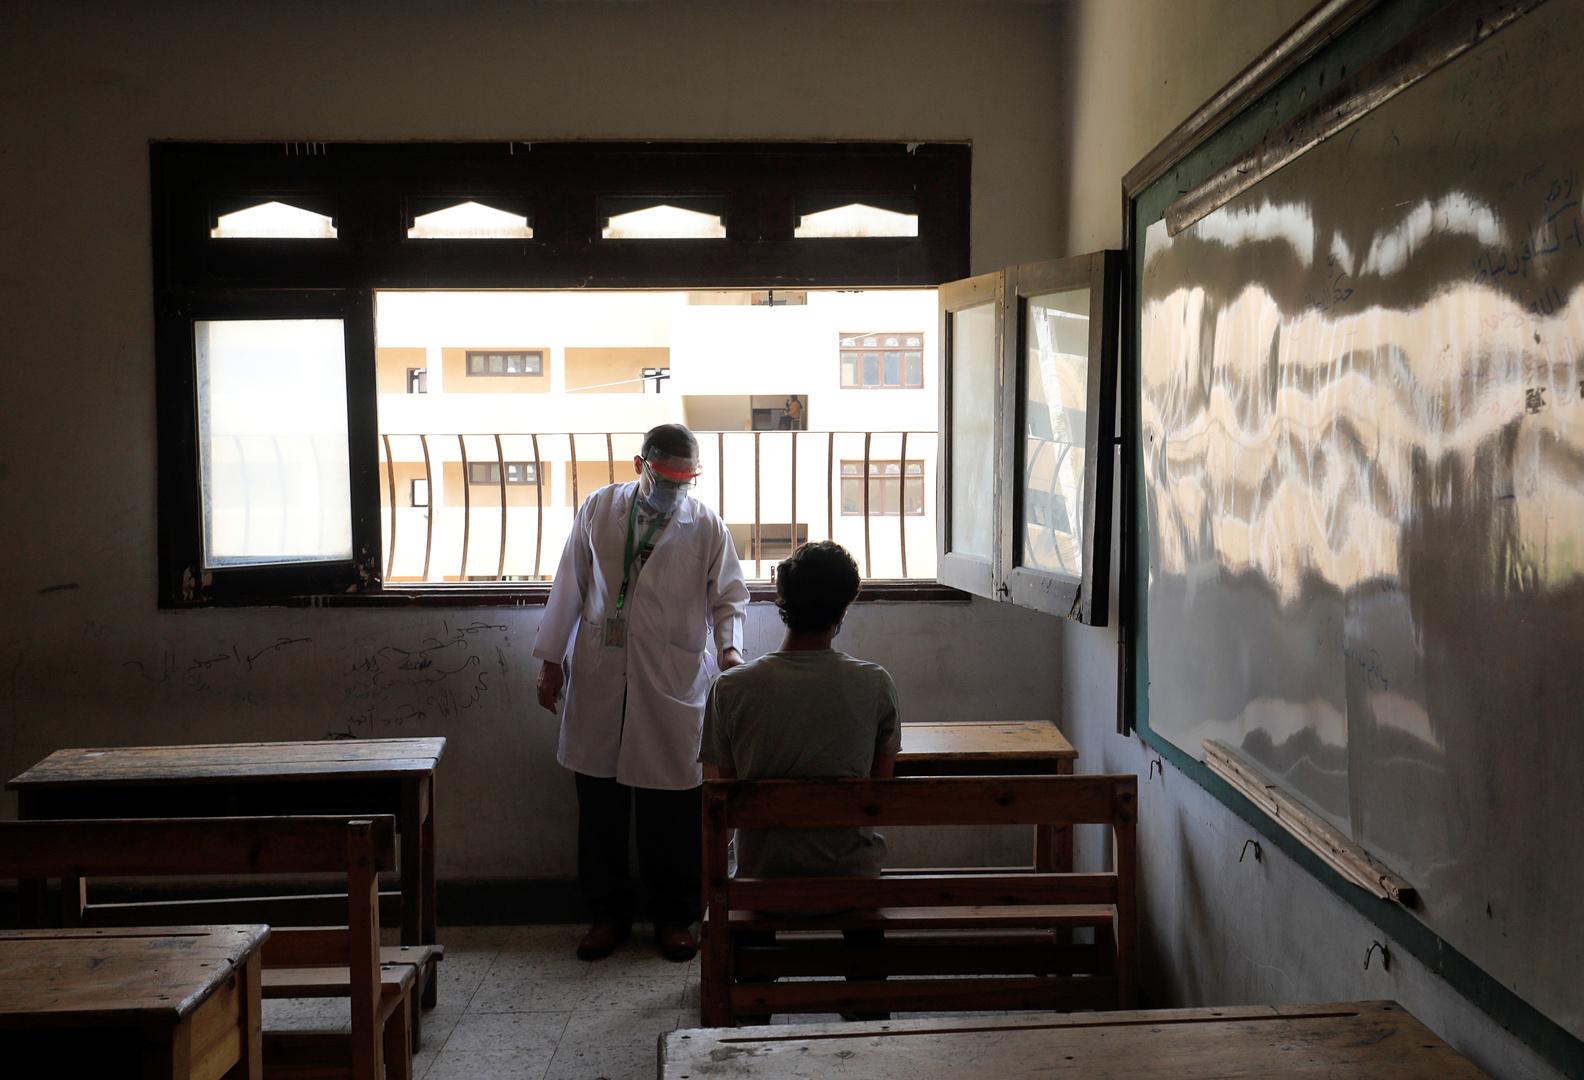 تحرك عاجل بعد واقعة مشاهدة أفلام إباحية على شاشات مدرسة مصرية (صور)